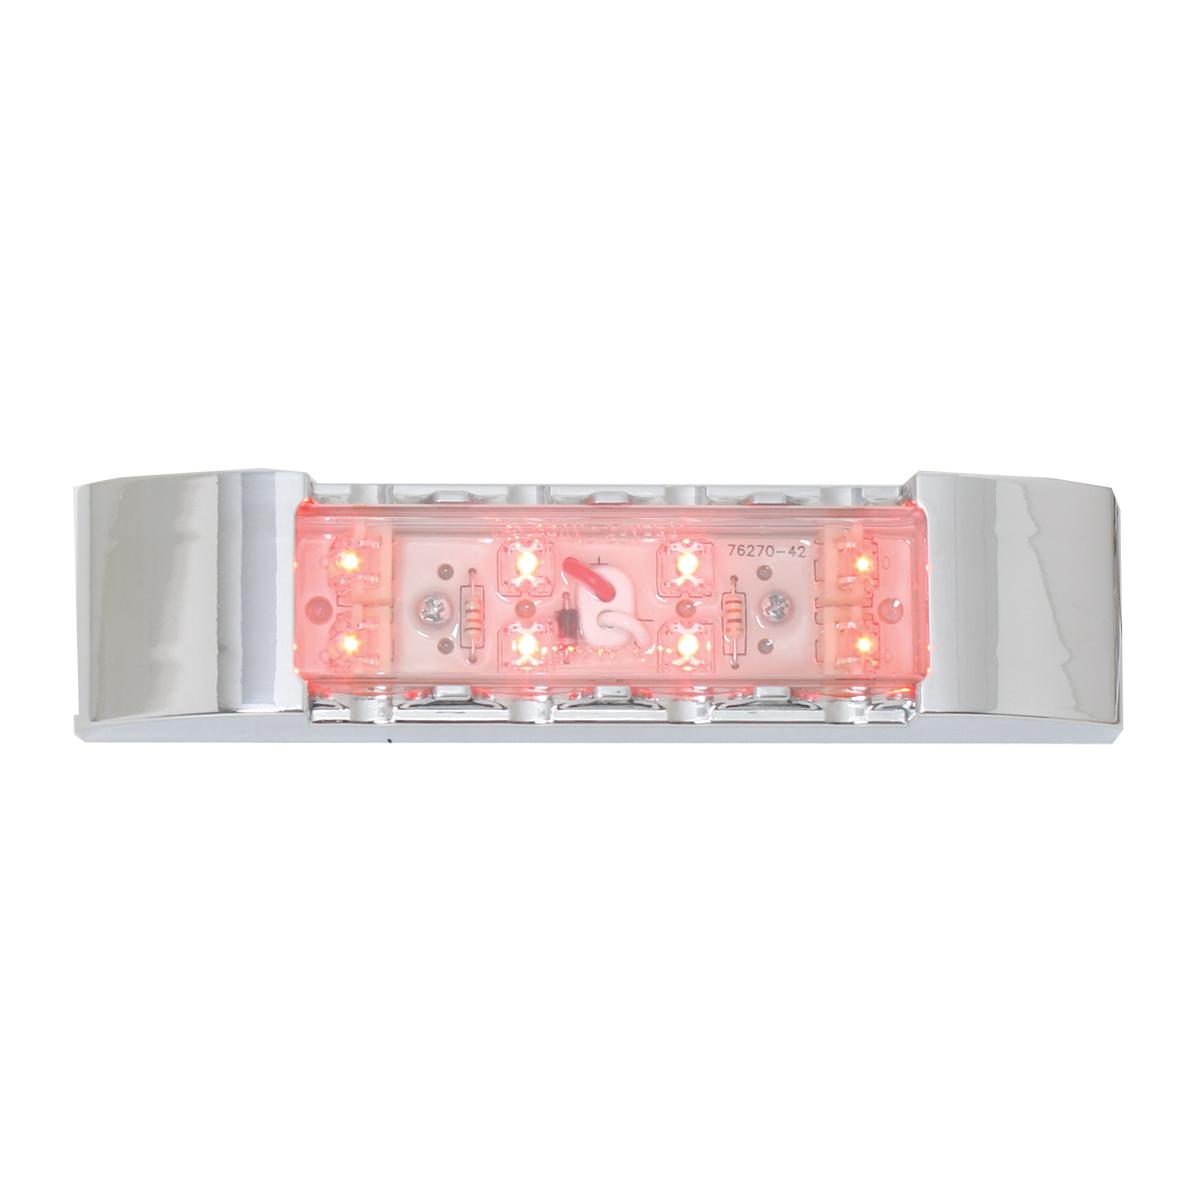 76183 Rectangular Wide Angle LED Light w/ Chrome Plastic Bezel